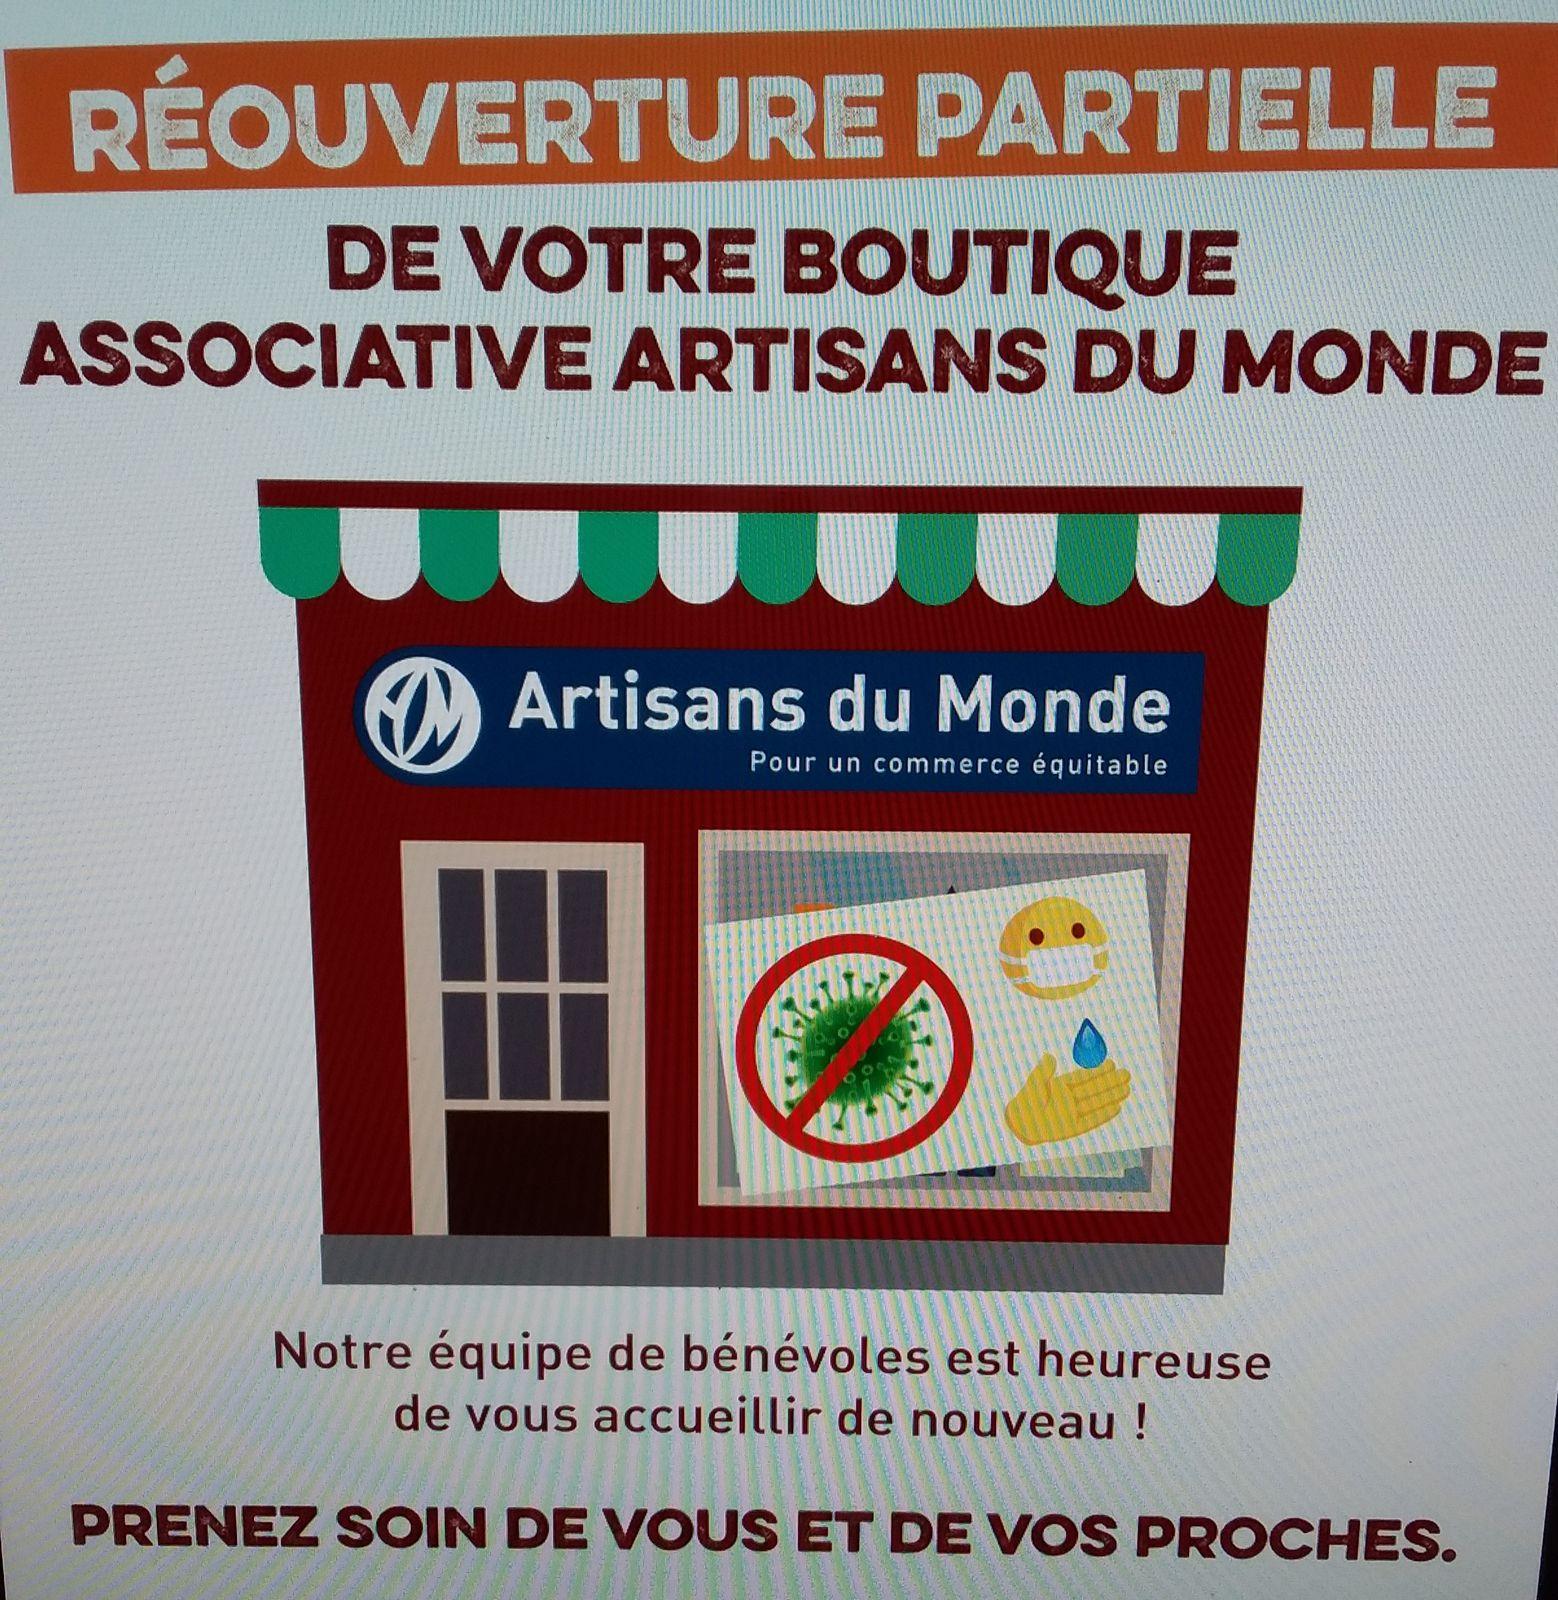 Réouverture partielle de la boutique ADM Tours à partir de mercredi 18 novembre 2020